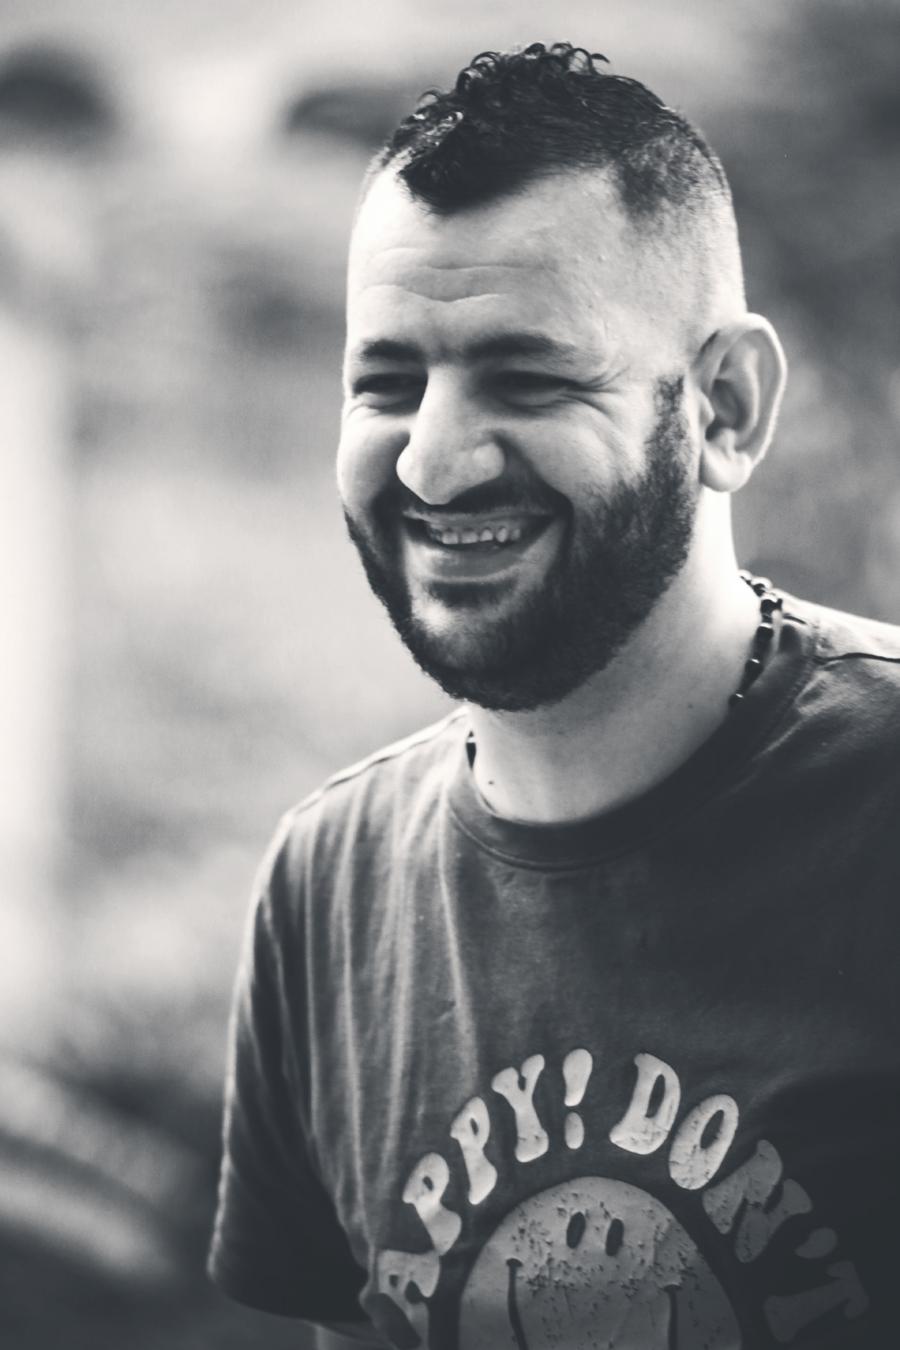 Ayman7inch